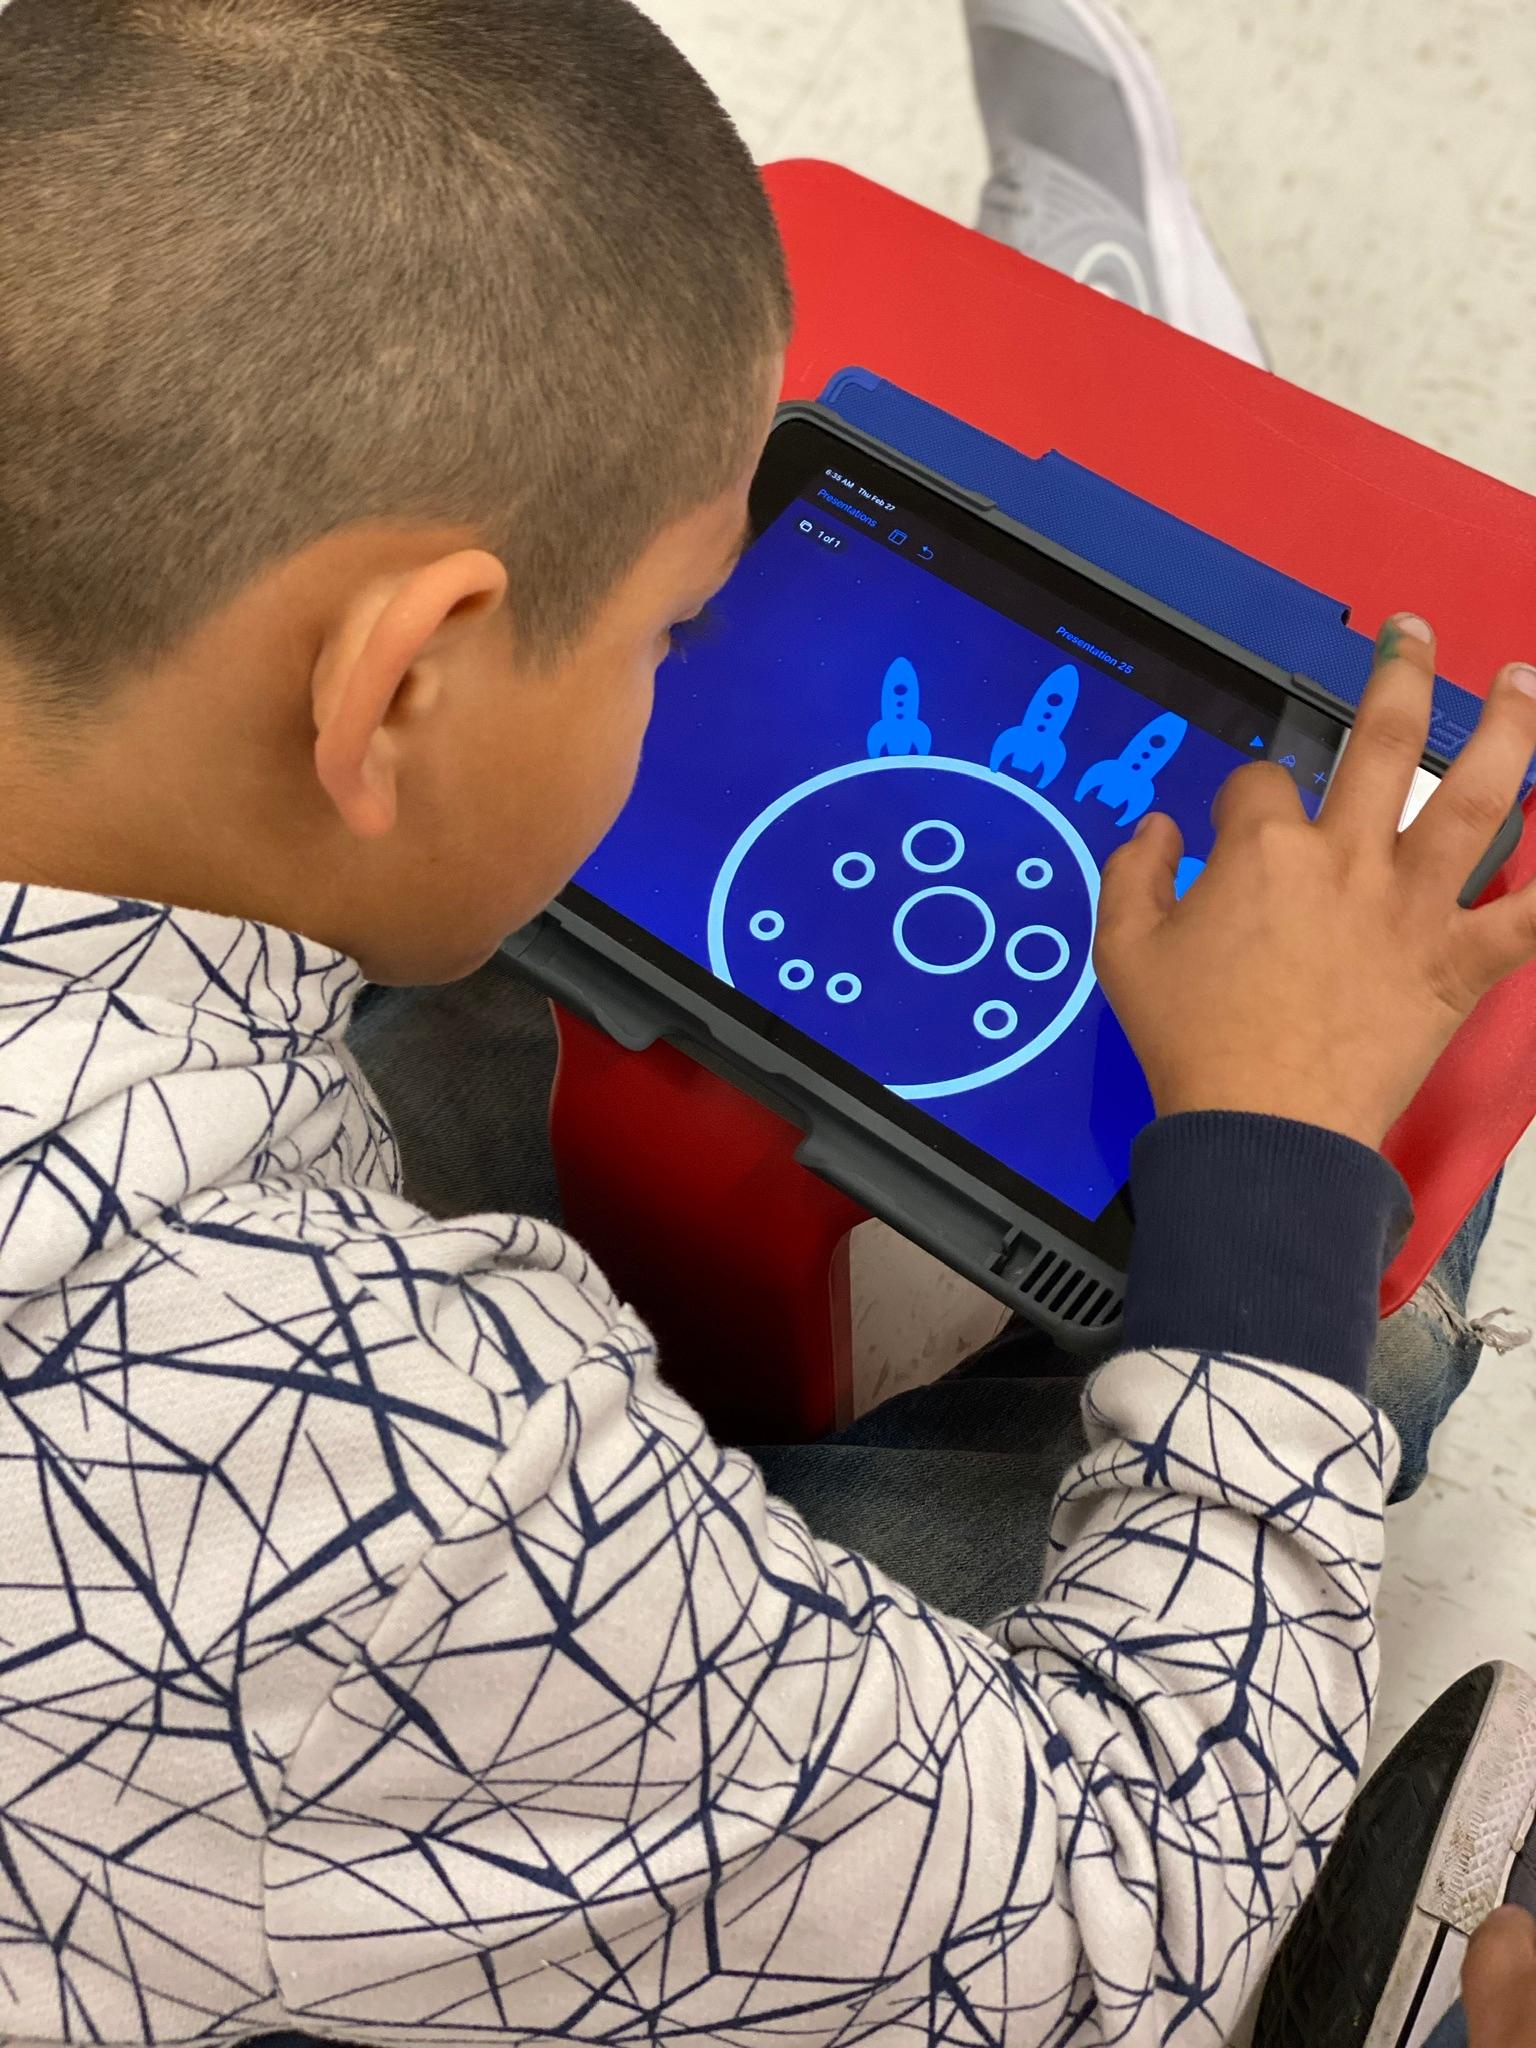 La importancia de la Responsabilidad Digital aumenta con el aprendizaje a distancia.